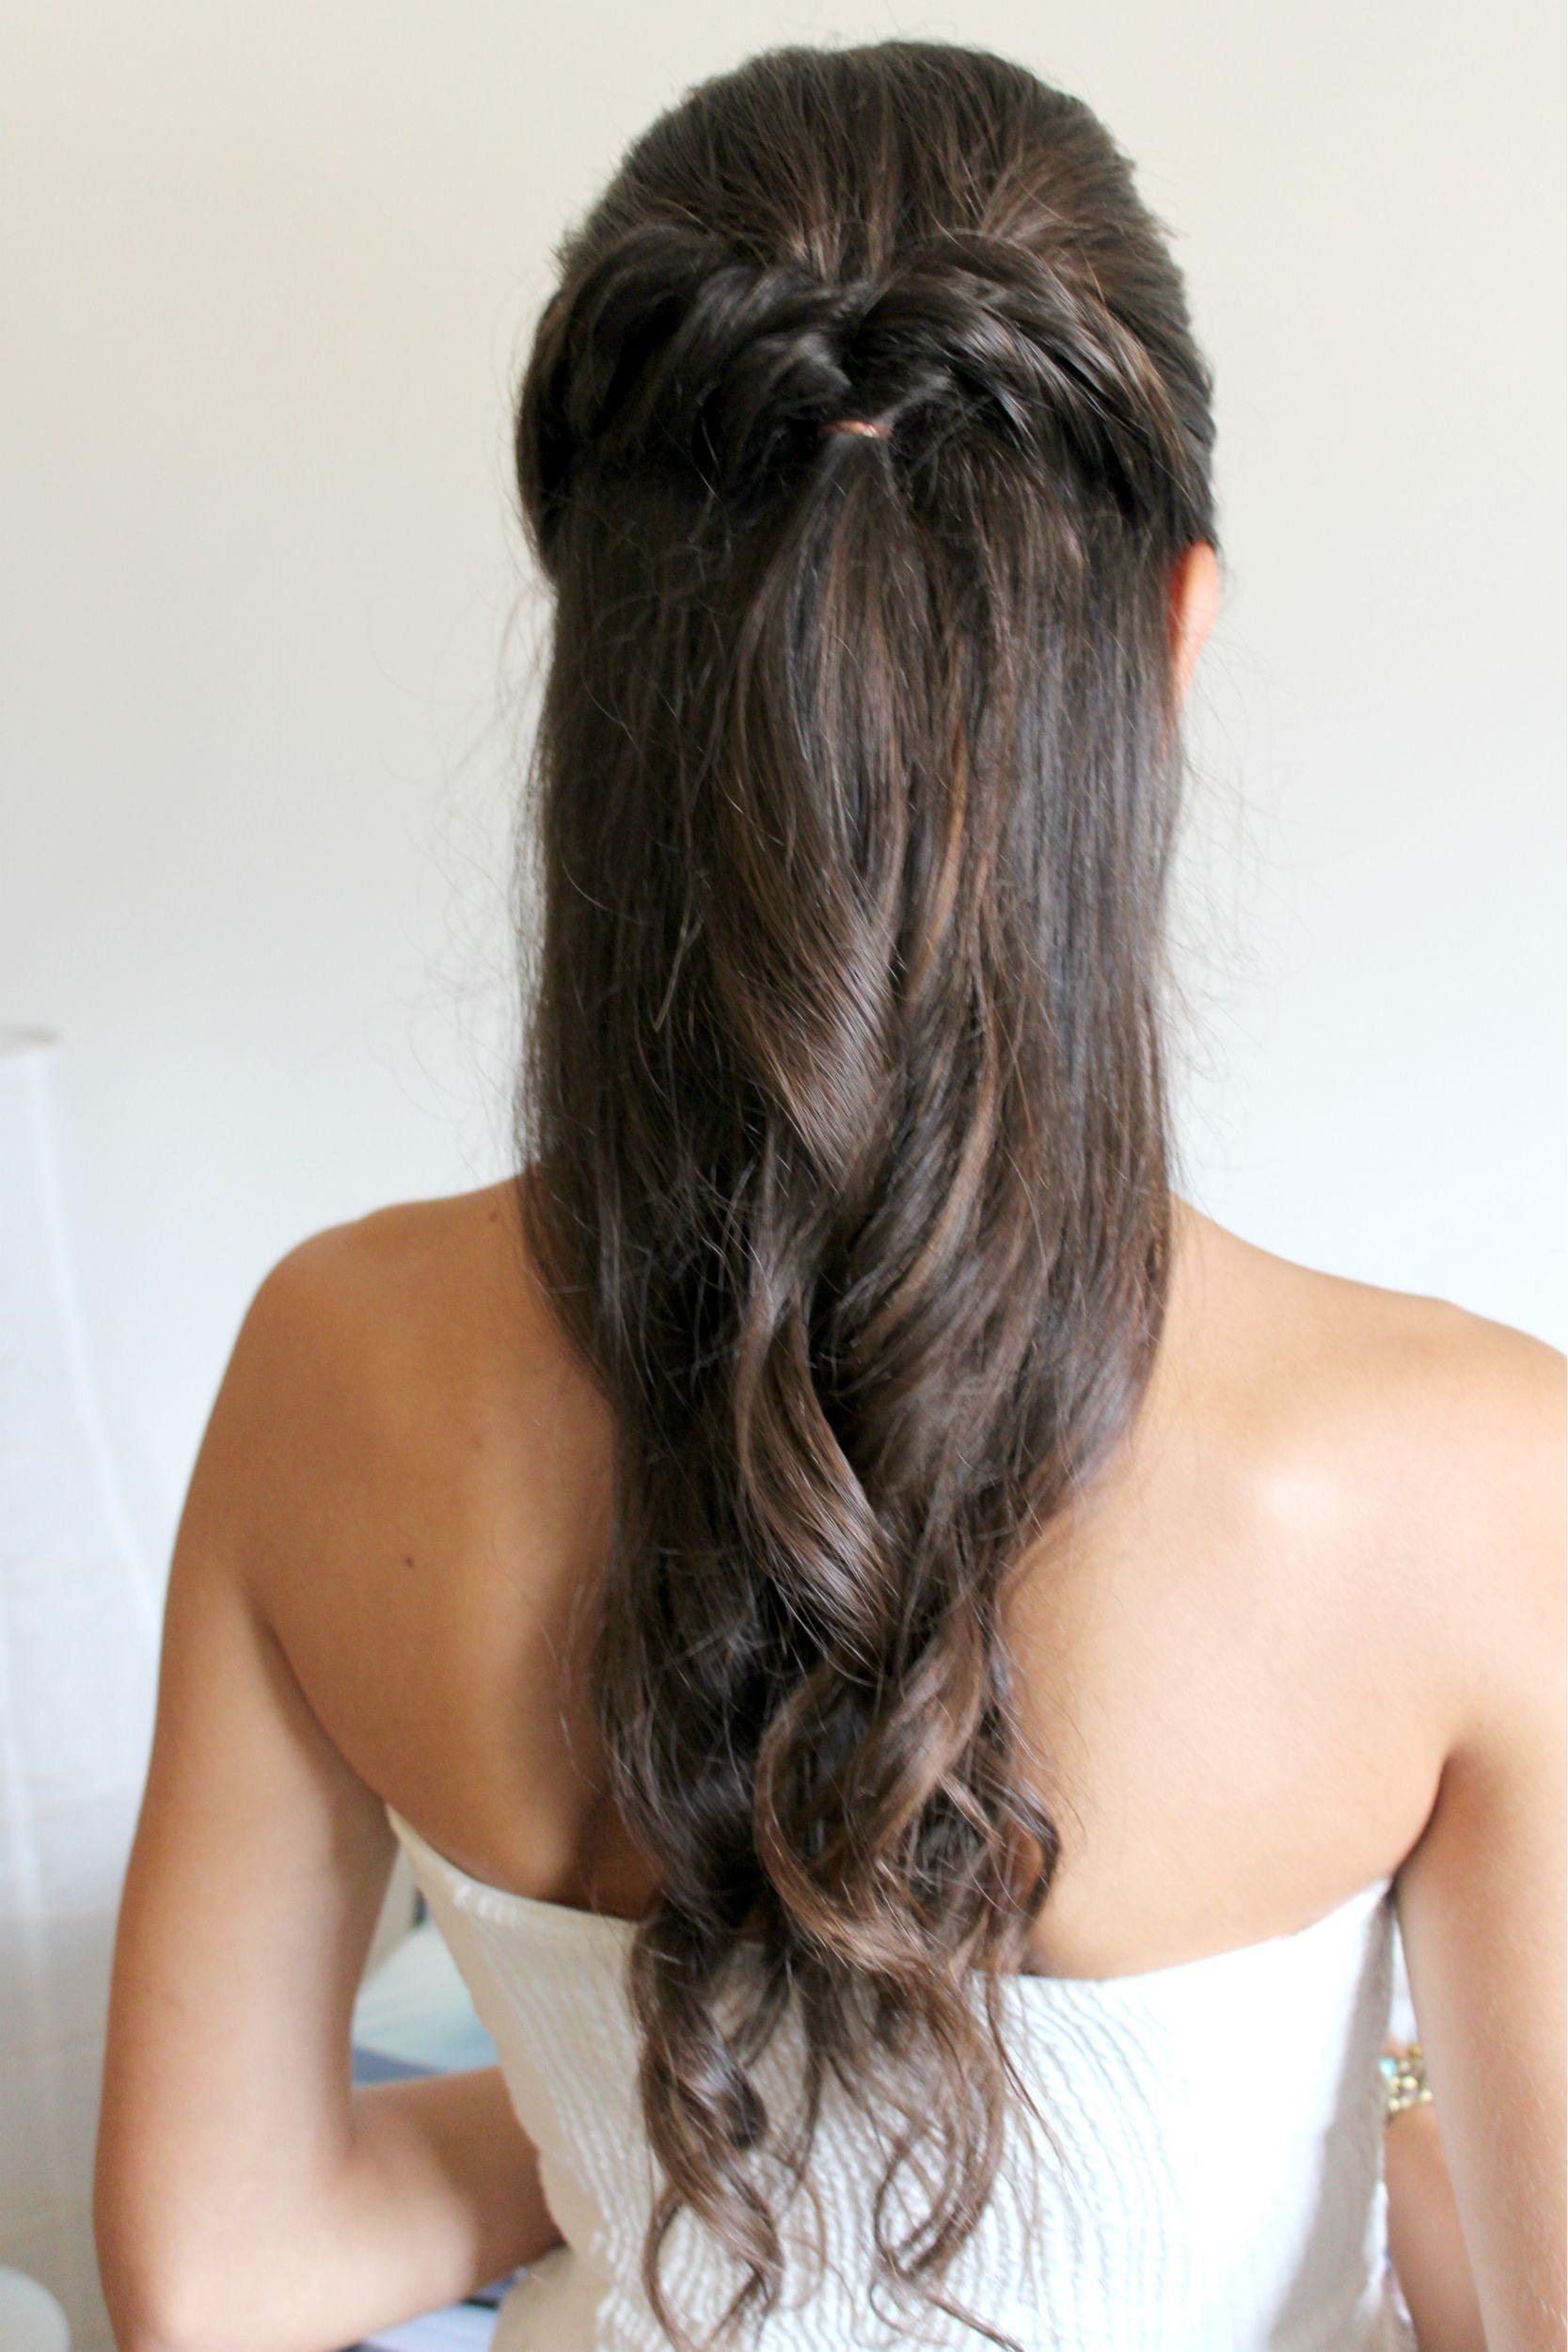 Bonito y sencillo peinados para bautizo Colección de cortes de pelo estilo - Lista para el bautizo | Peinados, Bautizo